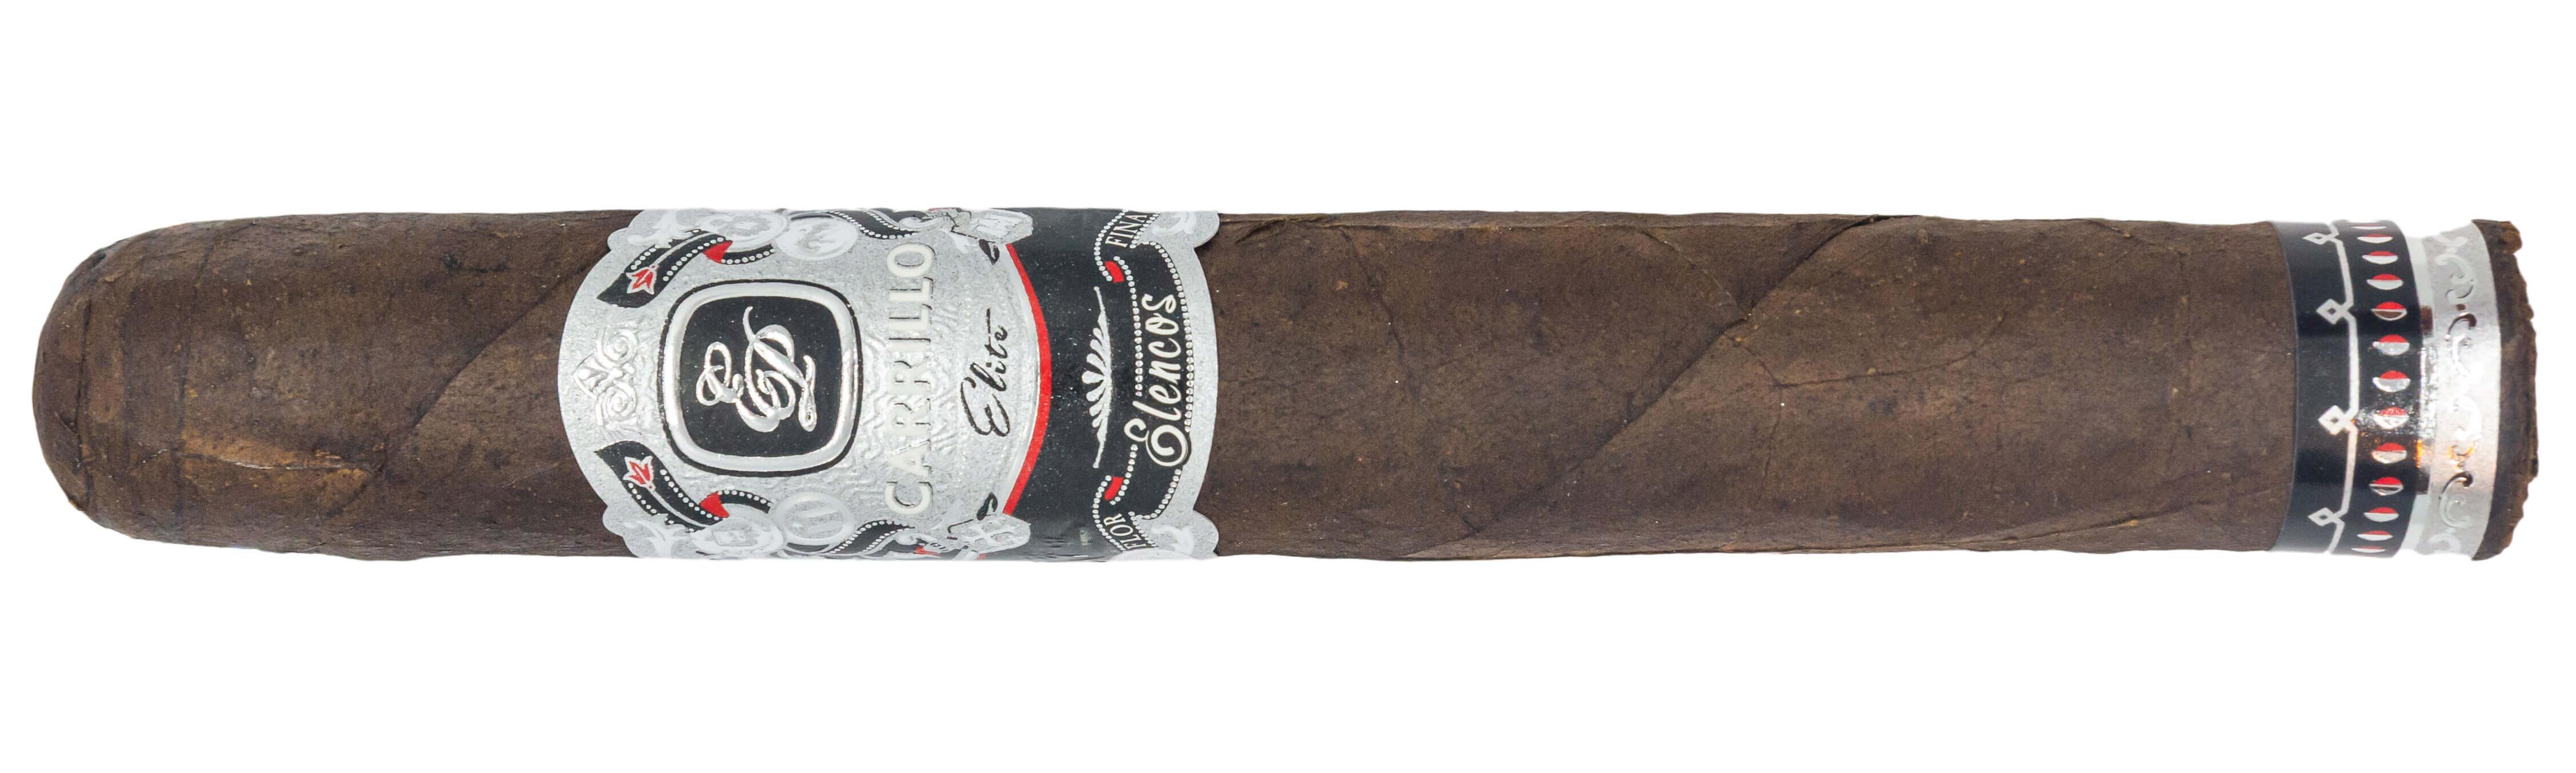 Blind Cigar Review: E.P. Carrillo | Elencos Elites